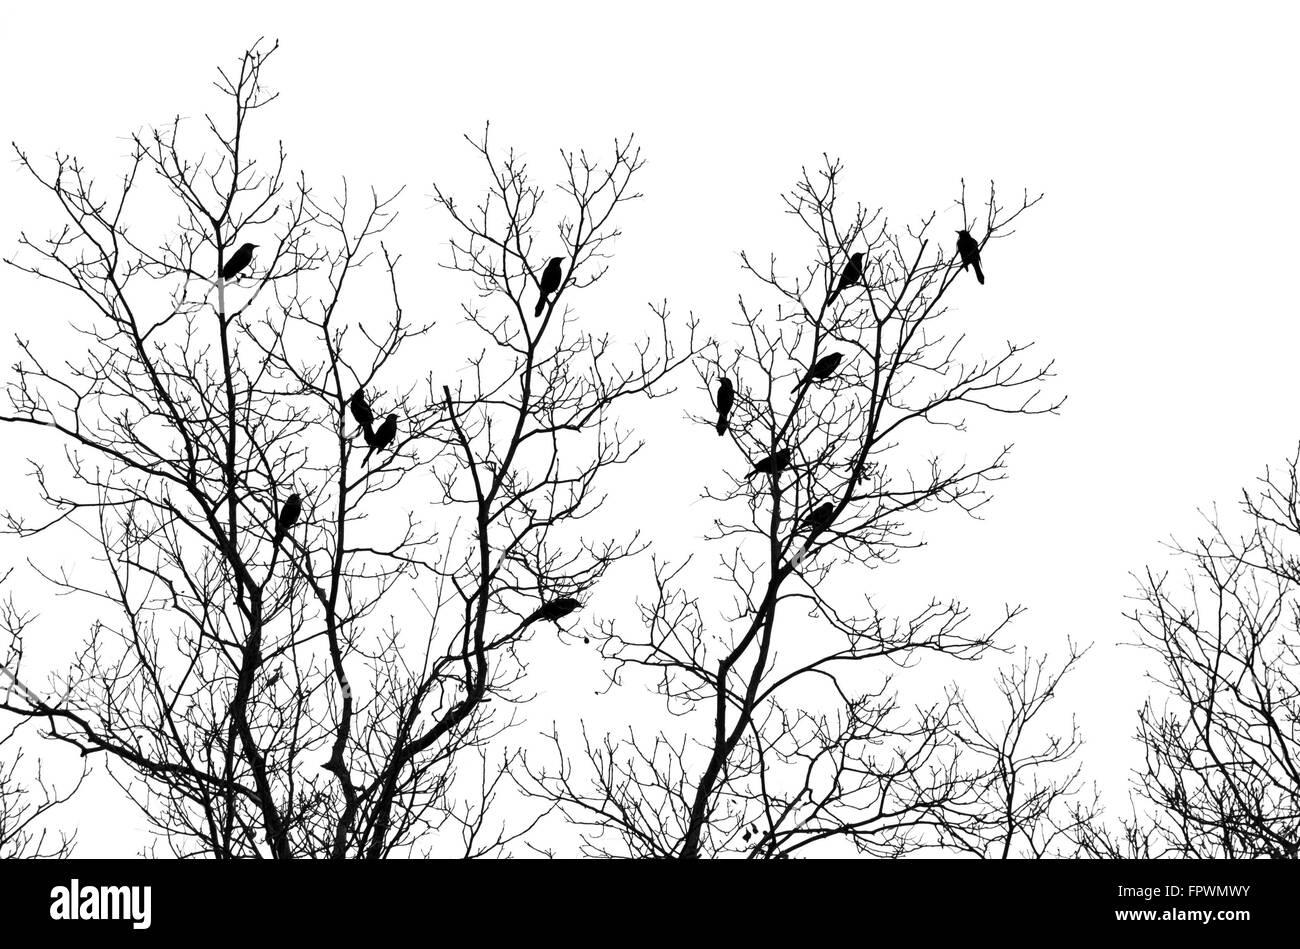 Vögel im Baum isoliert auf weißem Hintergrund Stockbild